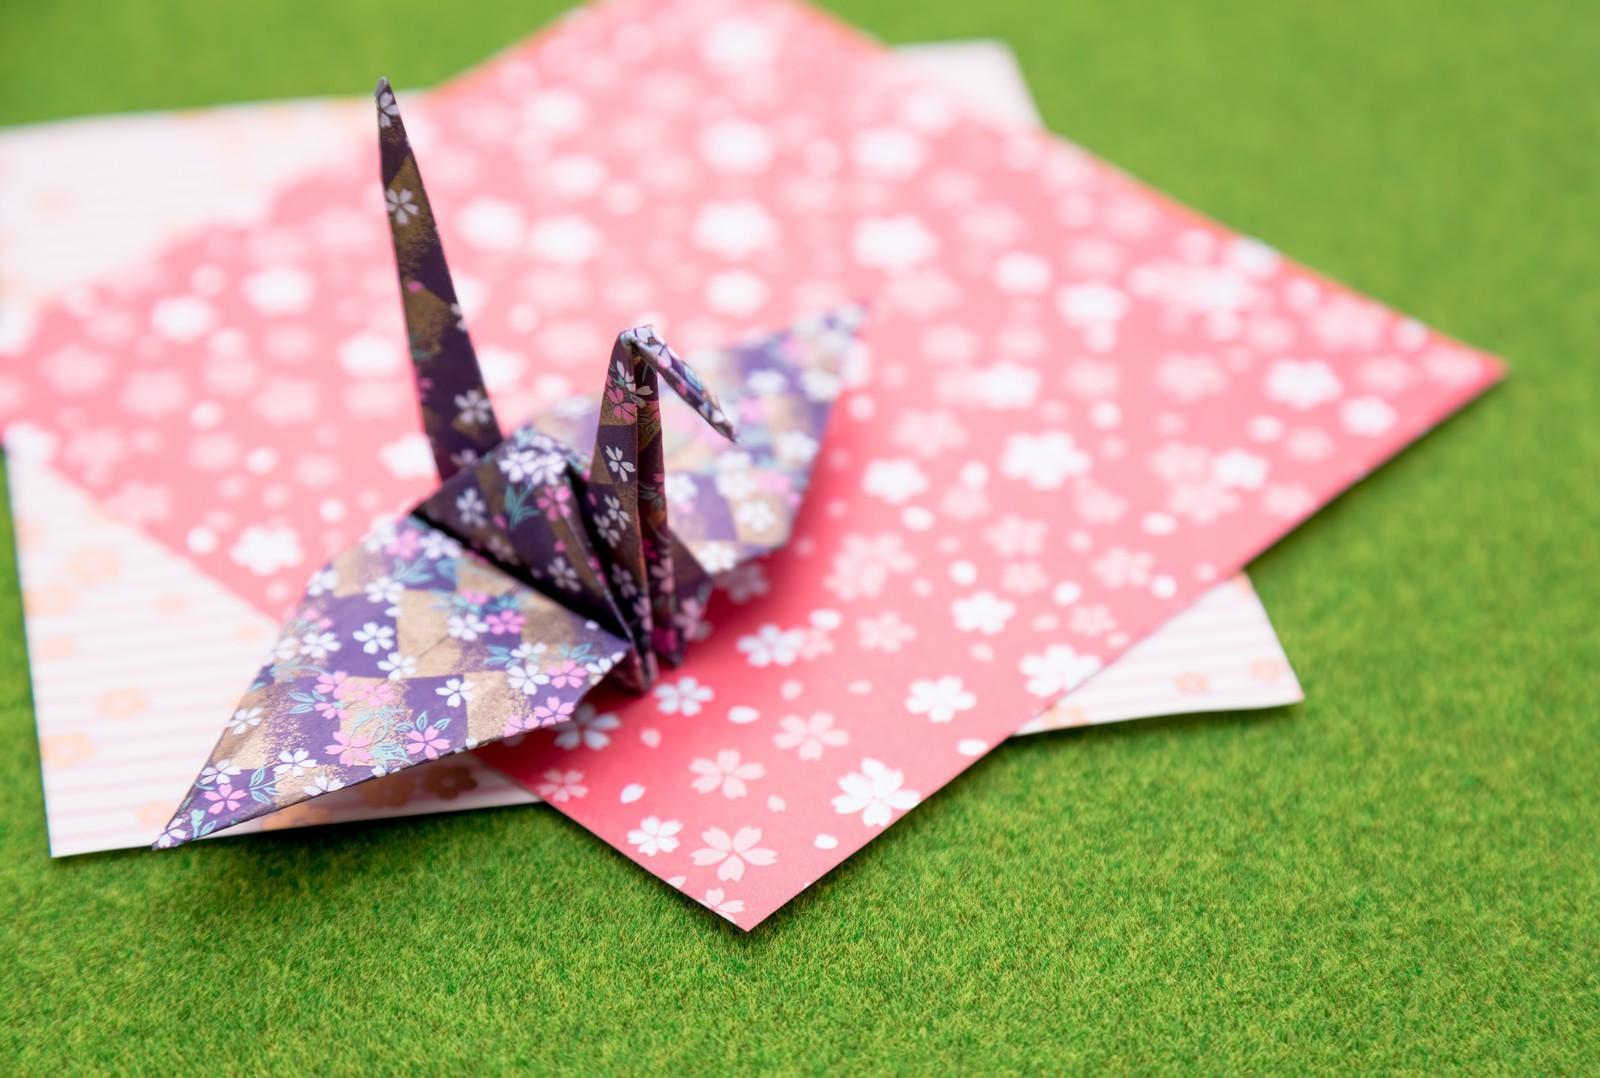 6adaf0c34cf5 折り紙供養の日とはいつ?意味や由来は。捨てるのではなく感謝を - 気に ...